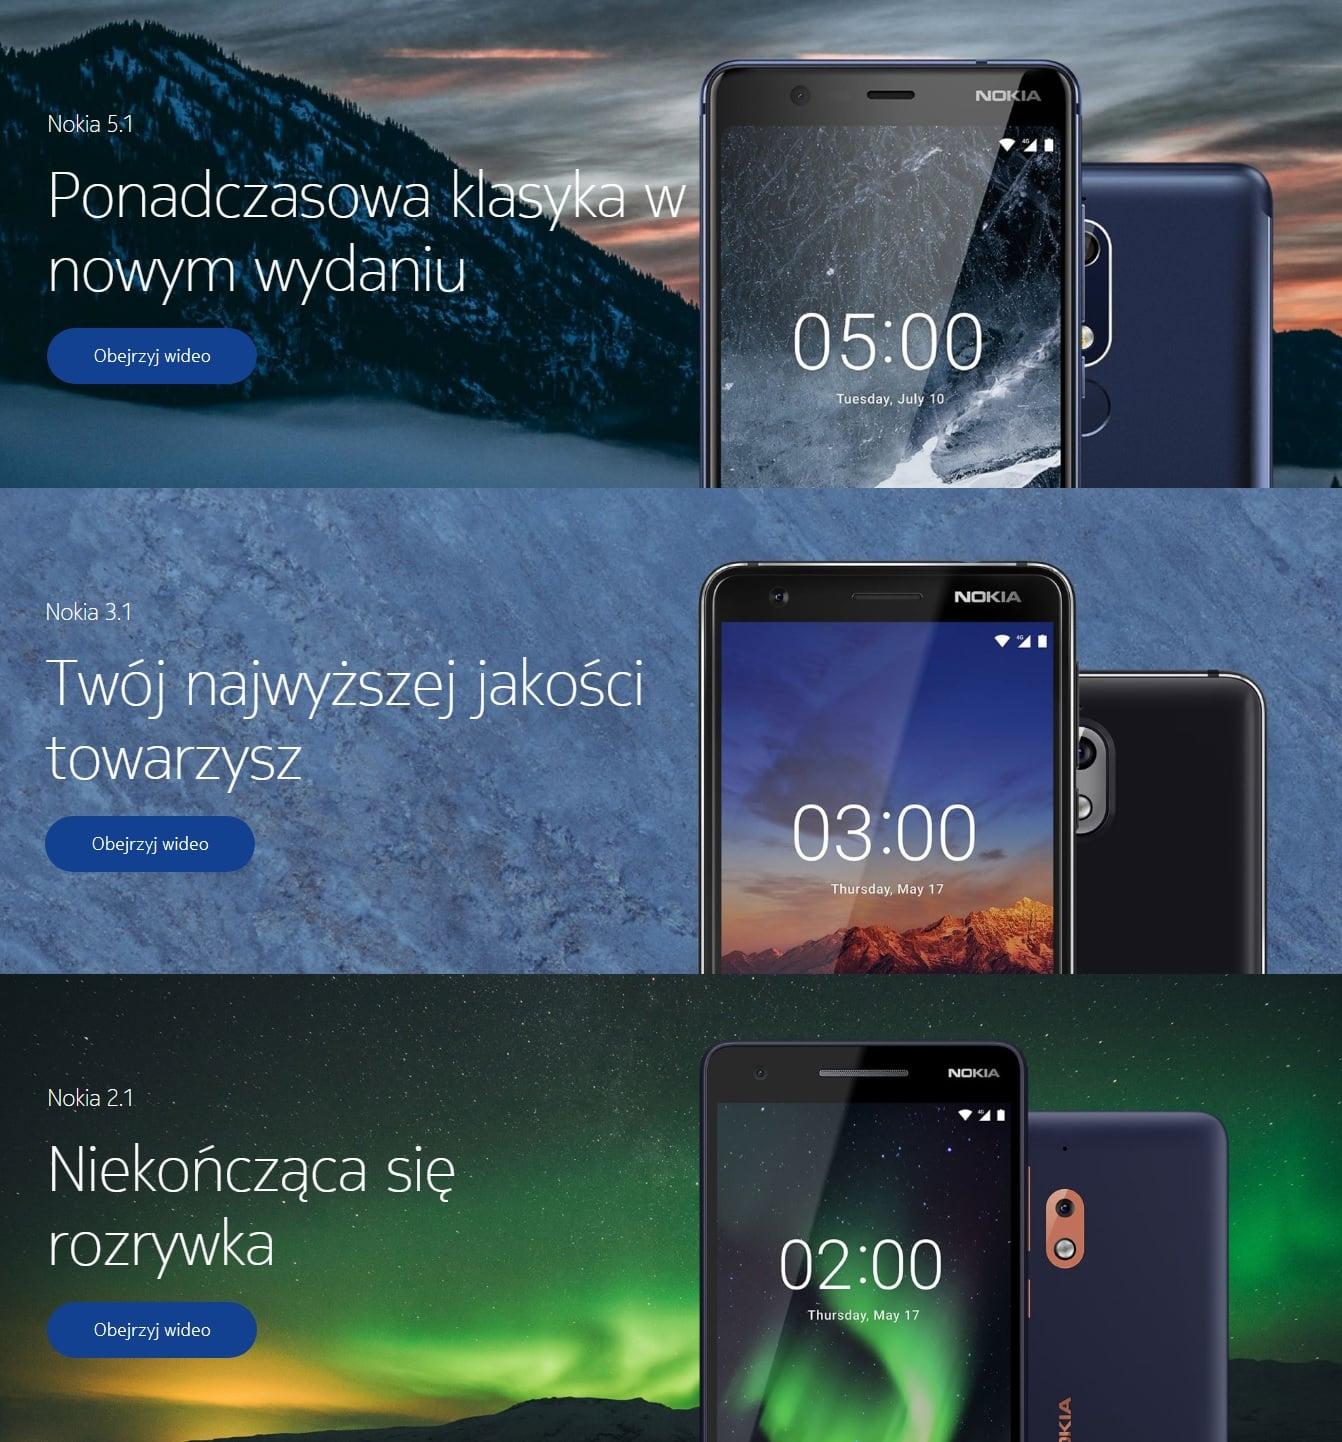 Tabletowo.pl Nokia 5.1, Nokia 3.1 i Nokia 2.1 na dniach trafią do sprzedaży w Polsce. Znamy ceny wszystkich modeli Android Nokia Plotki / Przecieki Smartfony